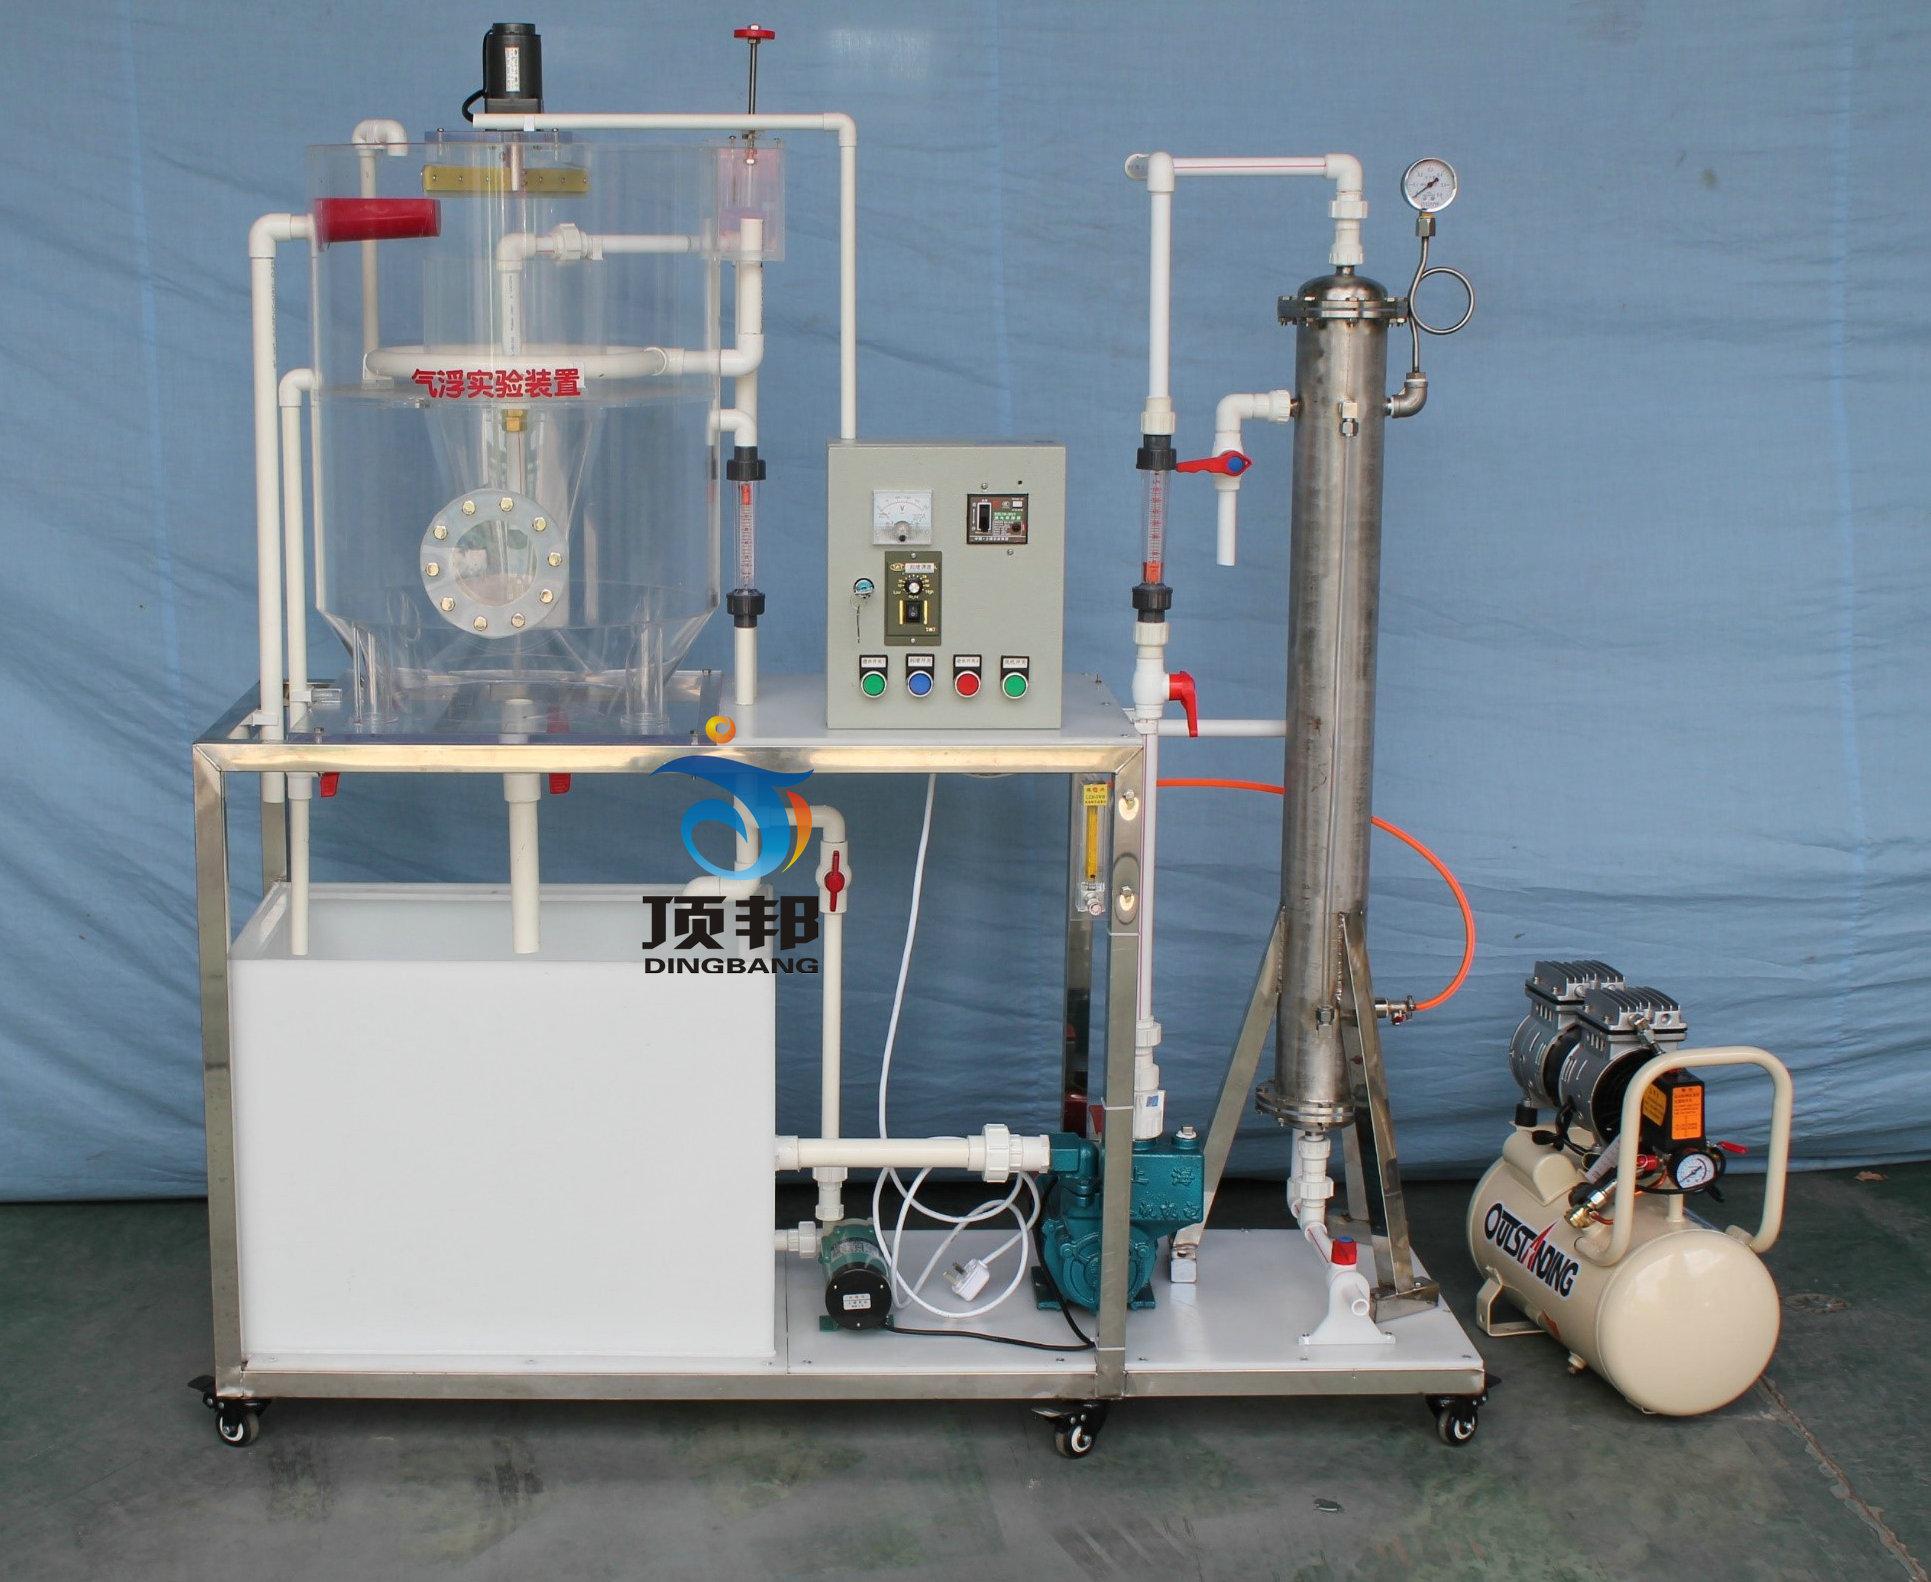 竖流式加压气浮设备